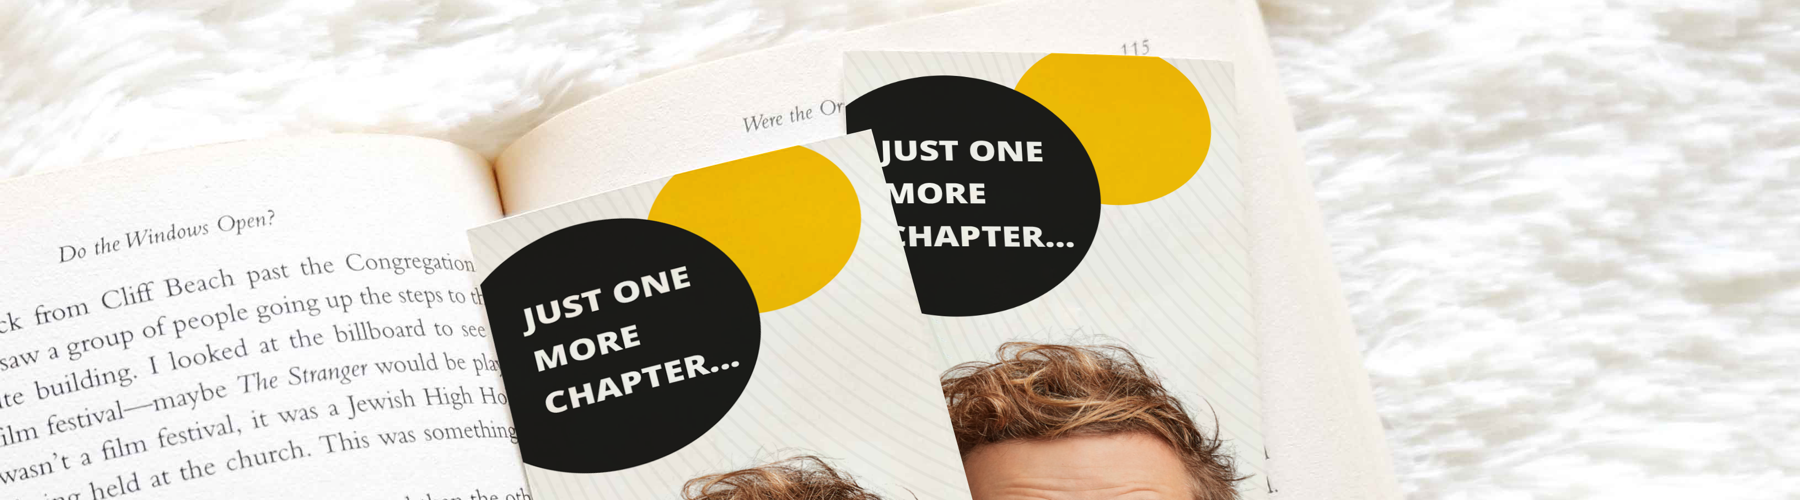 Comment imprimer un marque-page